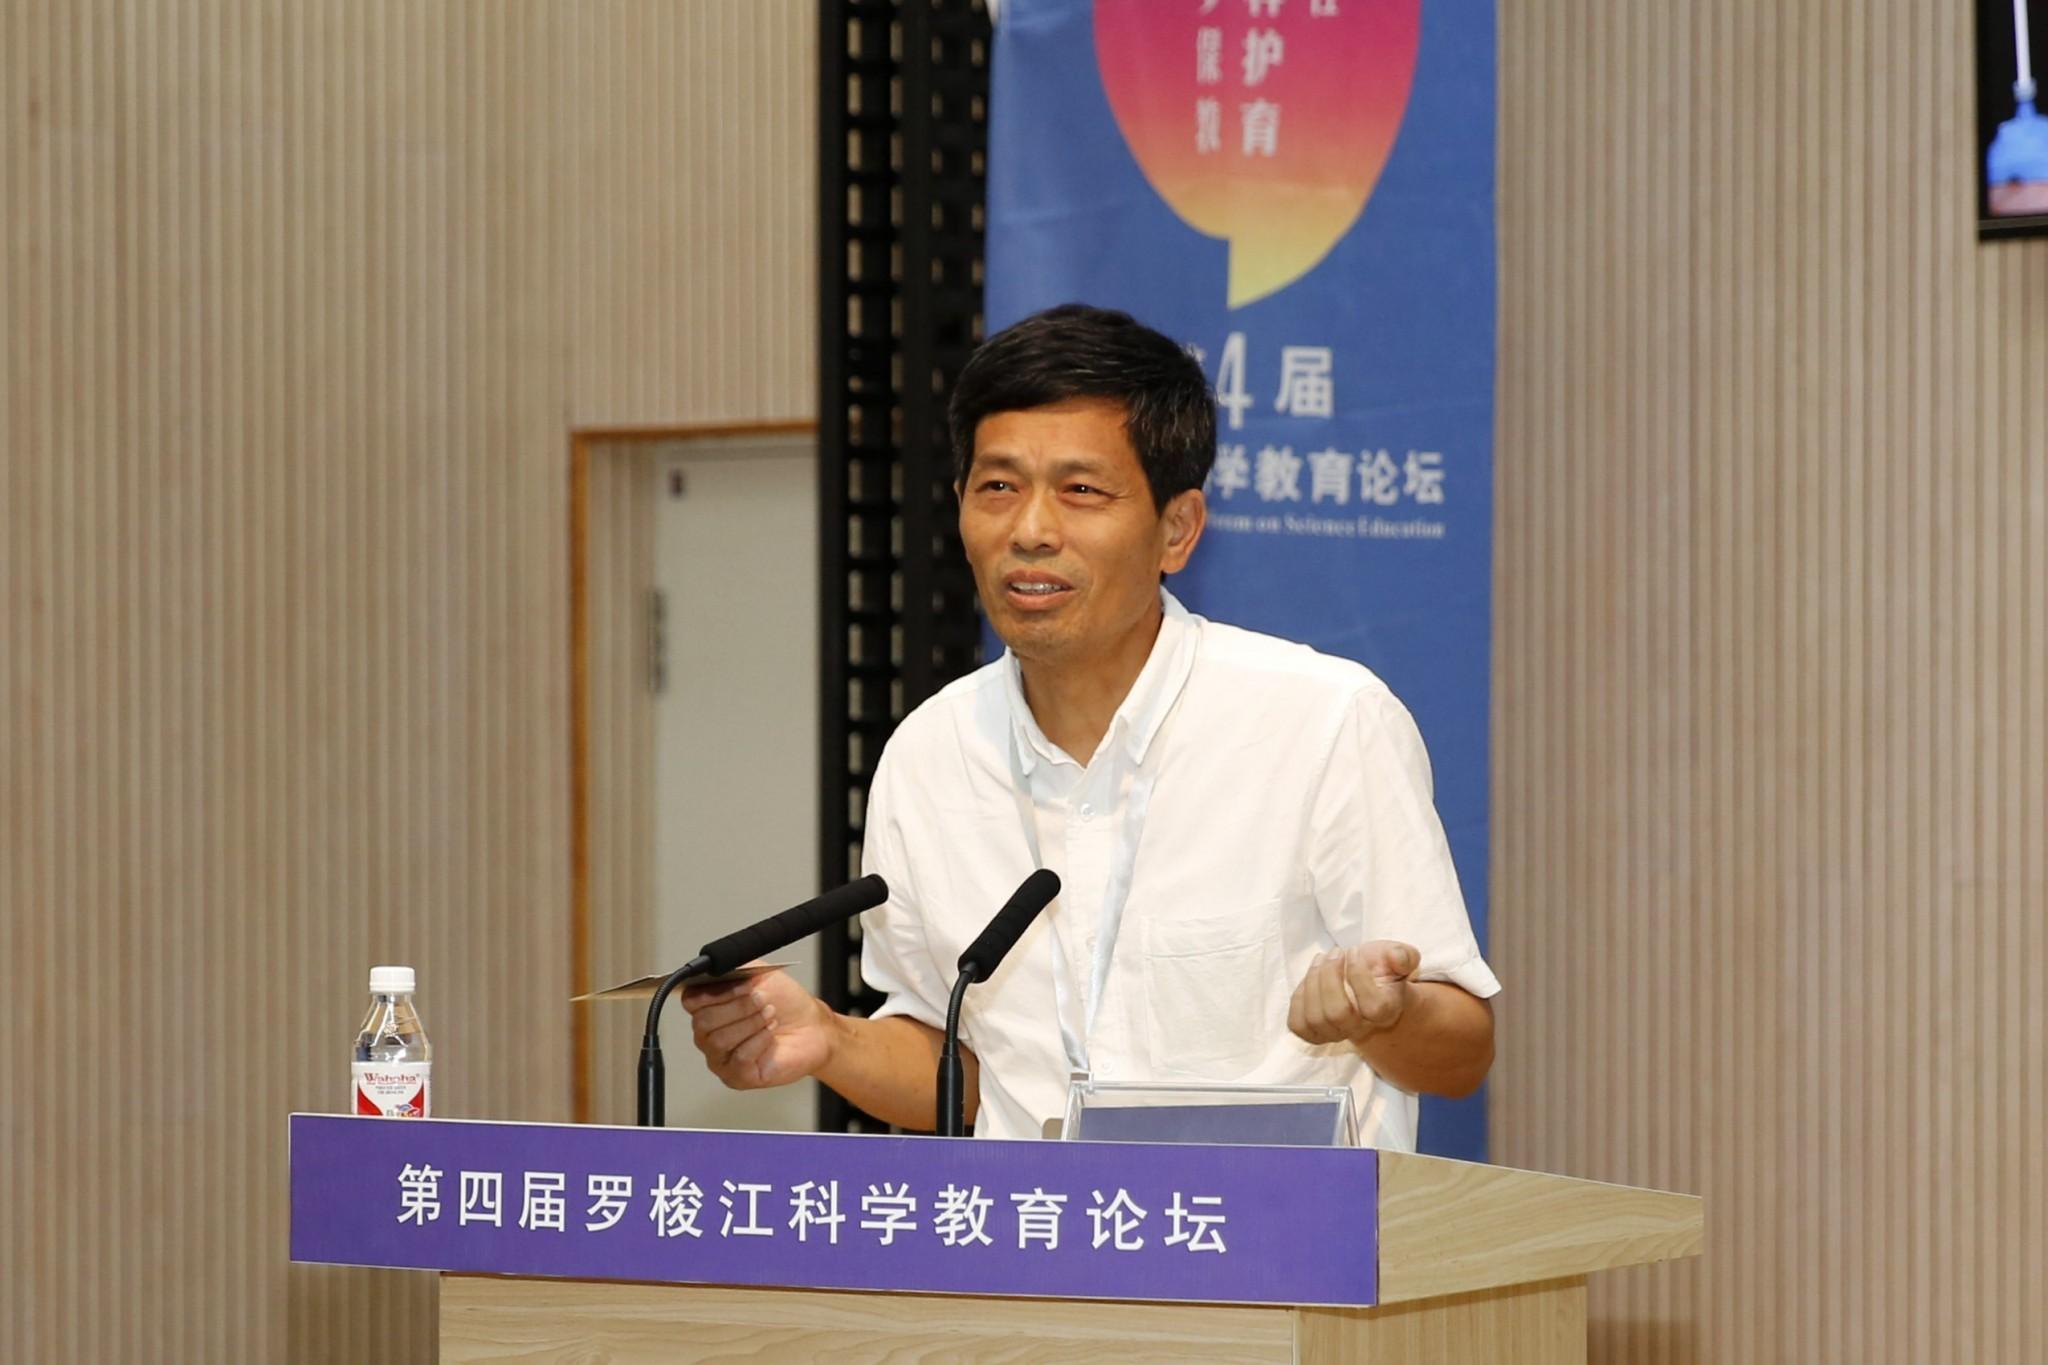 【案例分享】江苏常州湖畔文化传媒有限公司  蒋建平:从生物多样性教育到实验空间